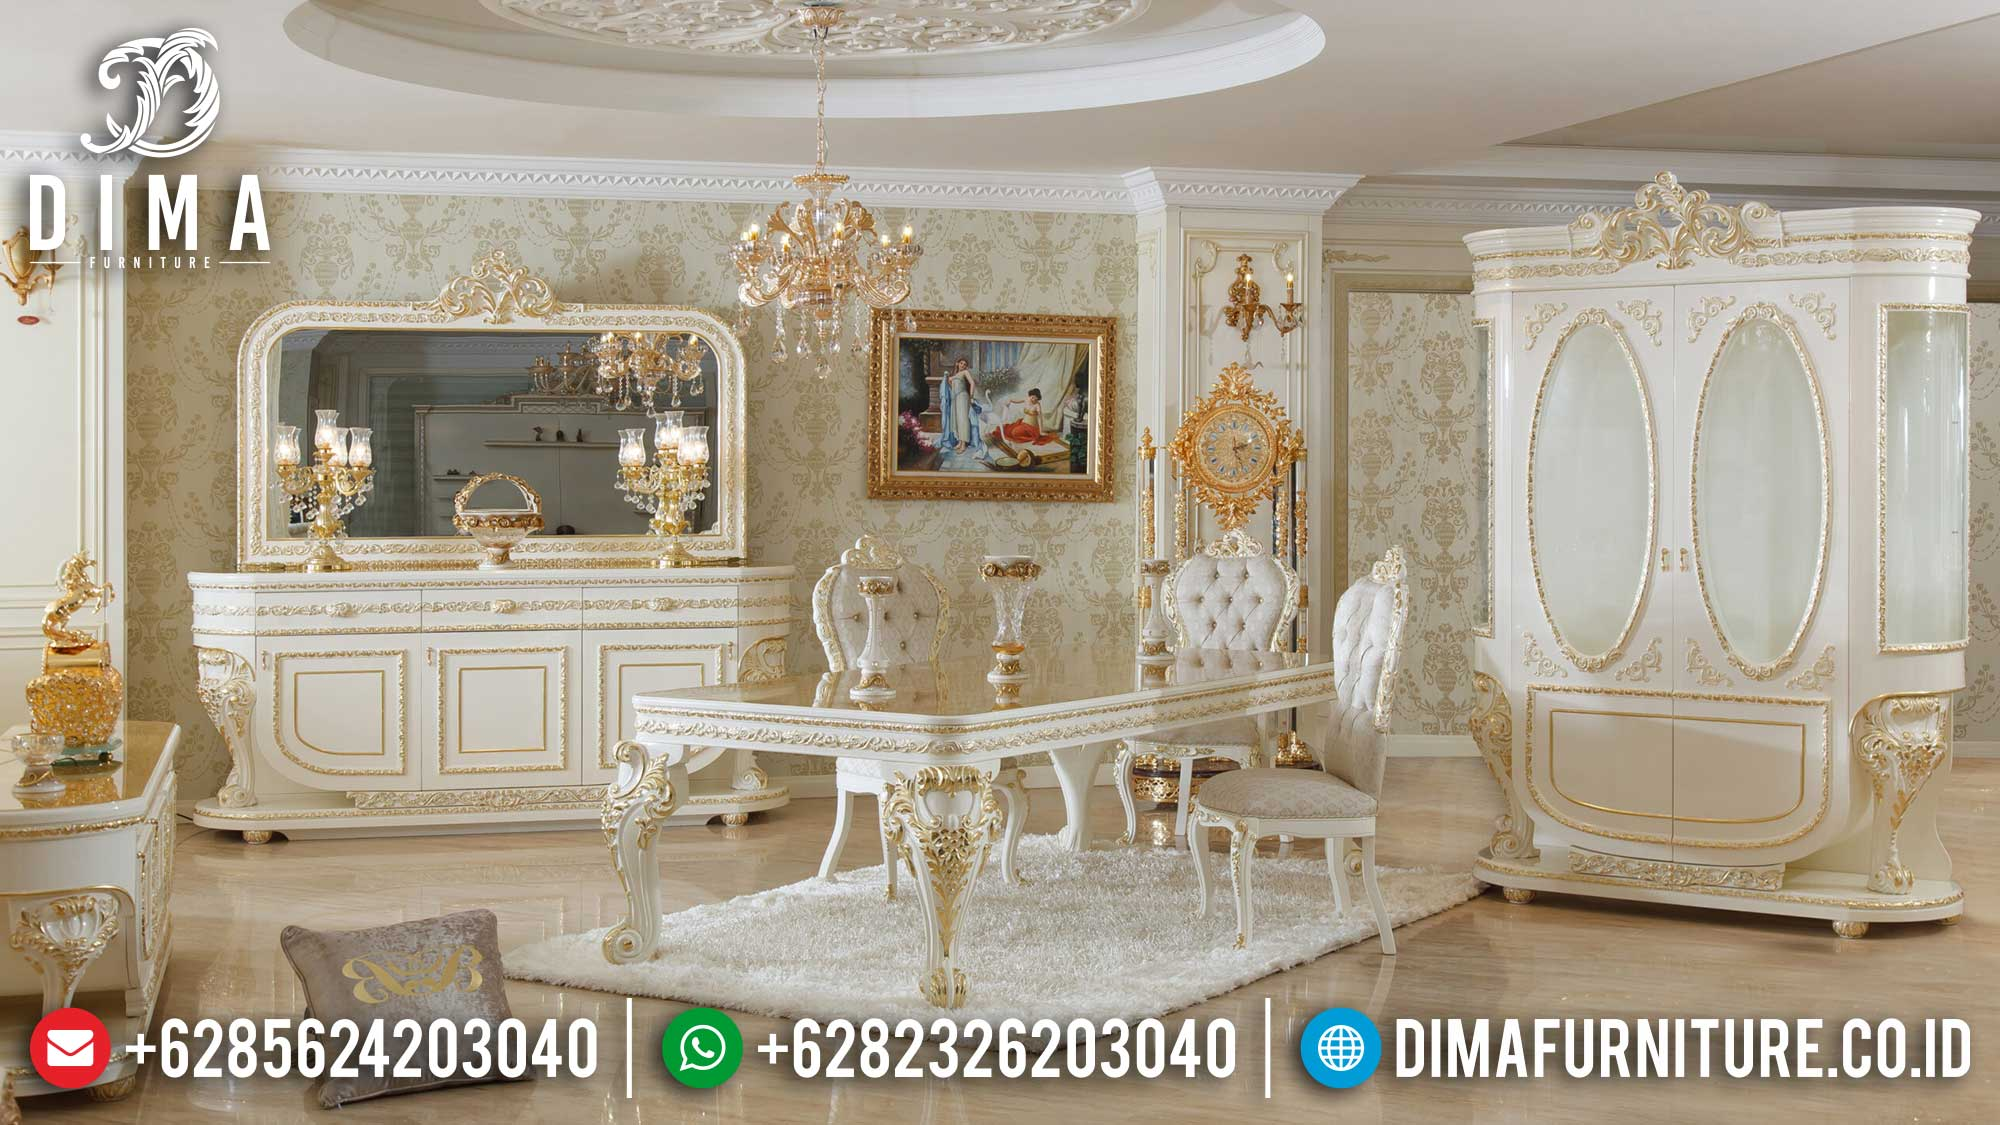 Jual Meja Makan Mewah Ukir Jepara Classic Style Luxury Royal Design Mm-0784